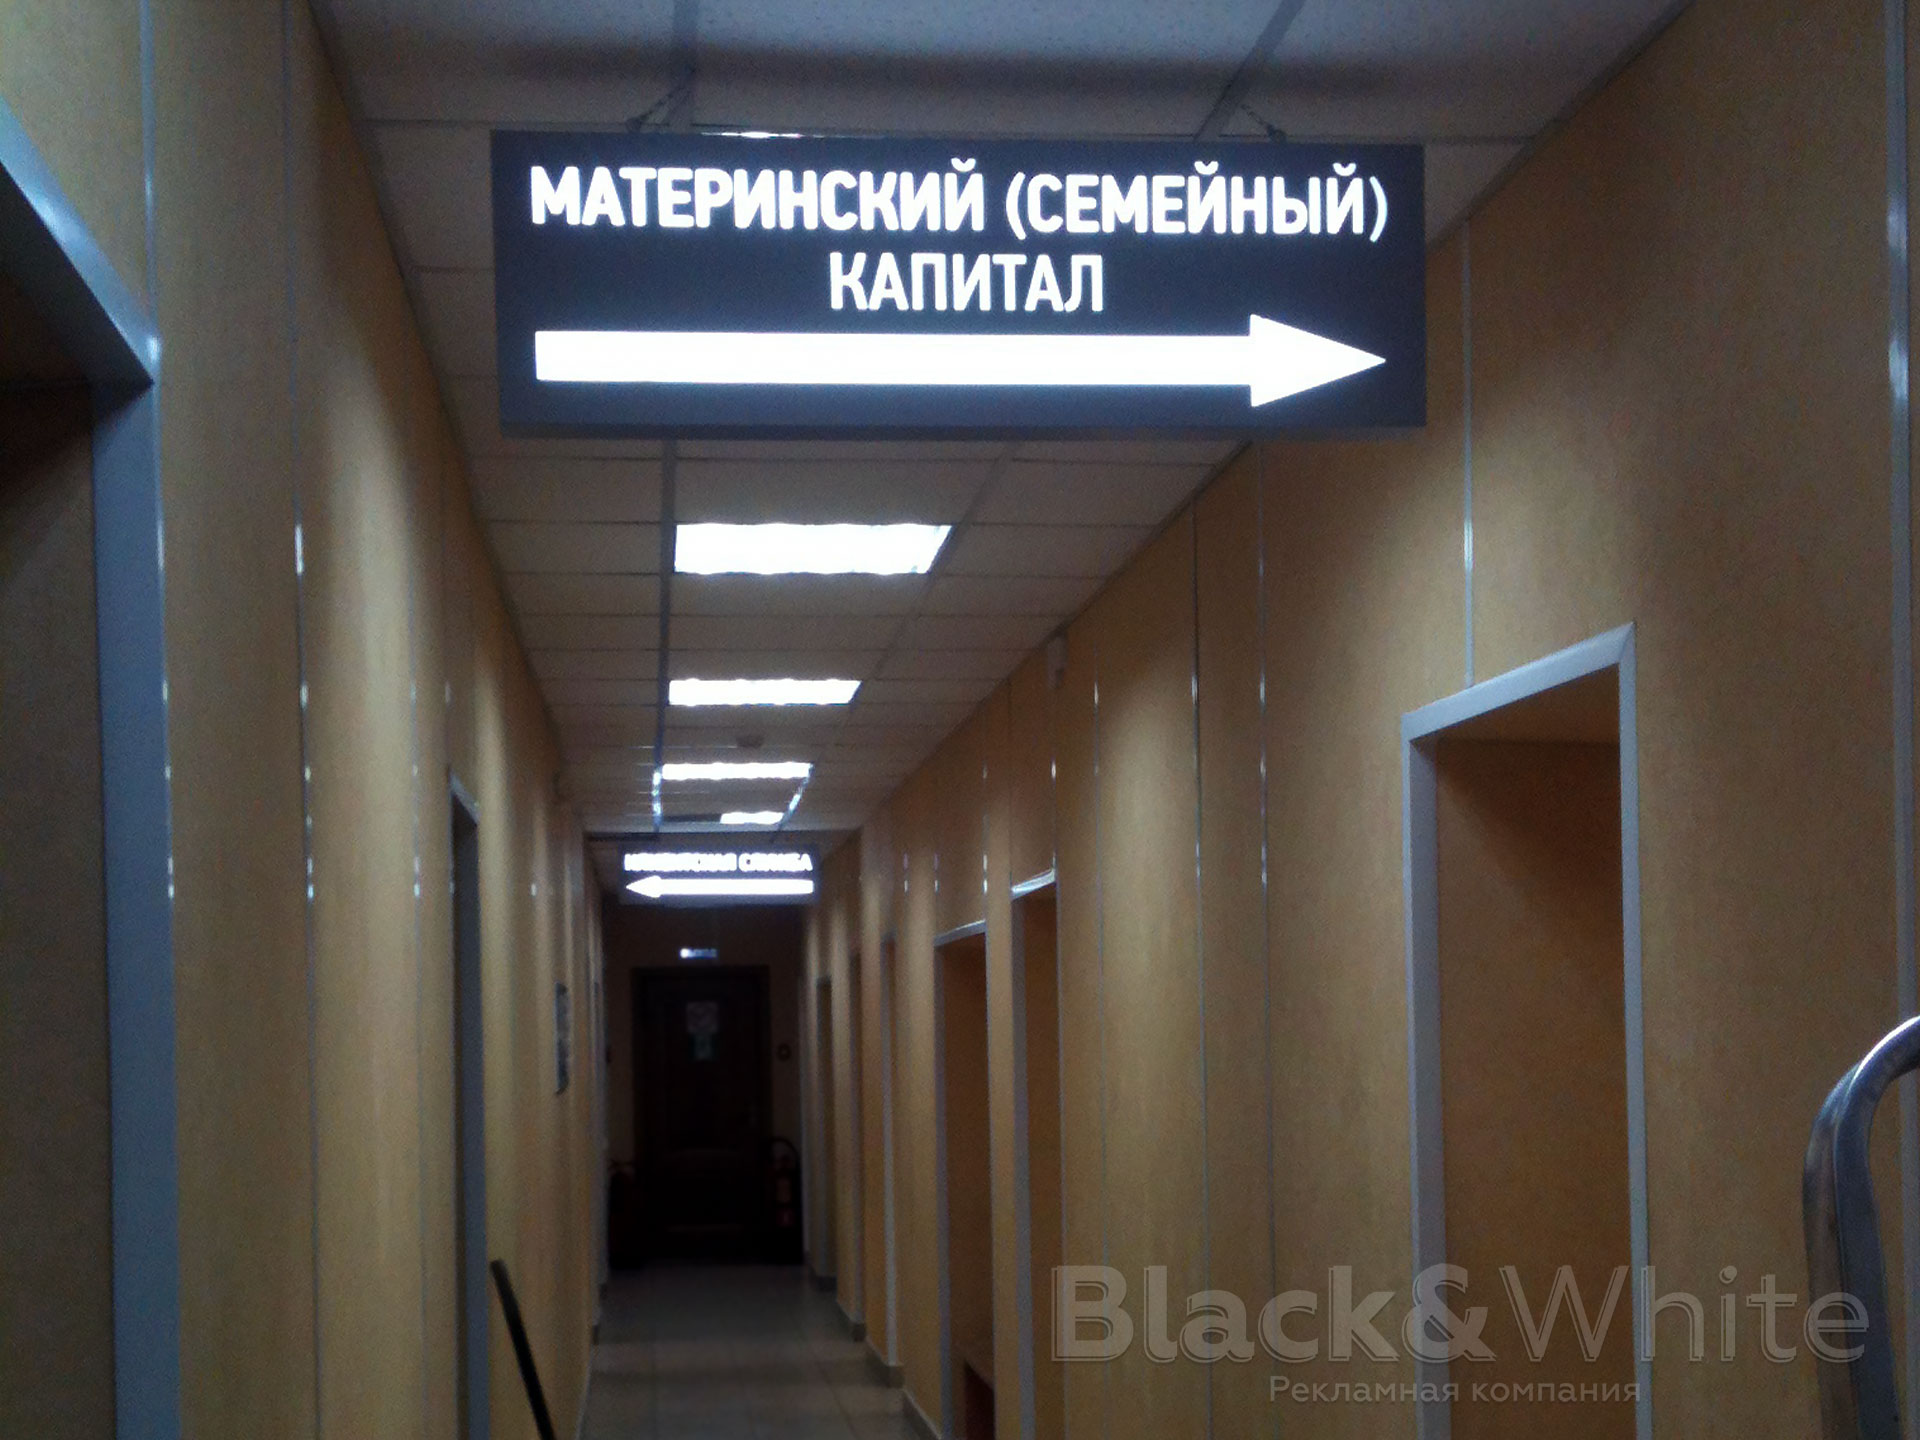 Навигационные-указатели-световой-Black-&-White..jpg